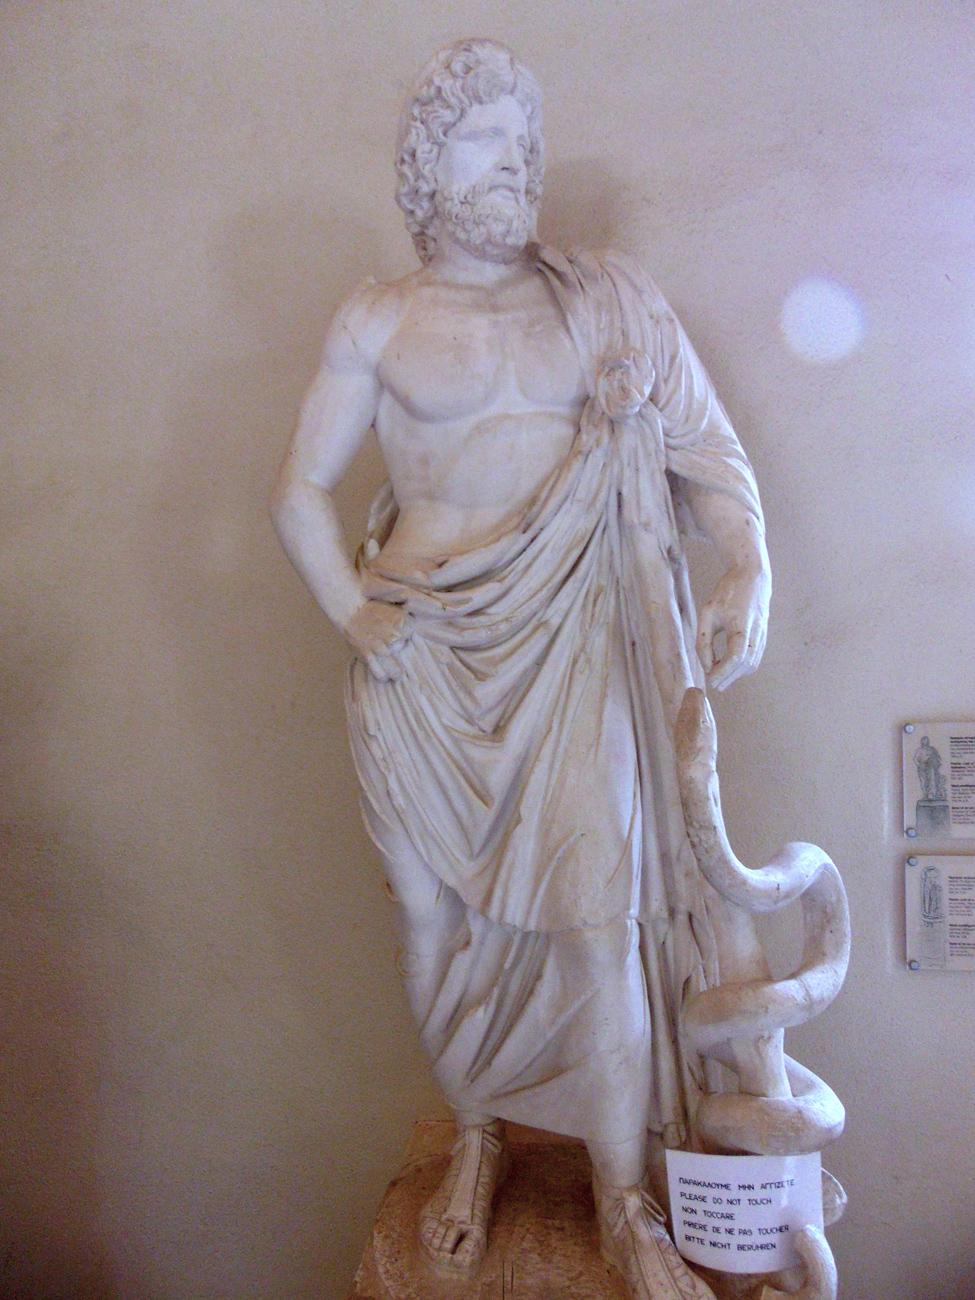 Statue des heiligen Asklepios in Epidauros auf dem Peloponnes.